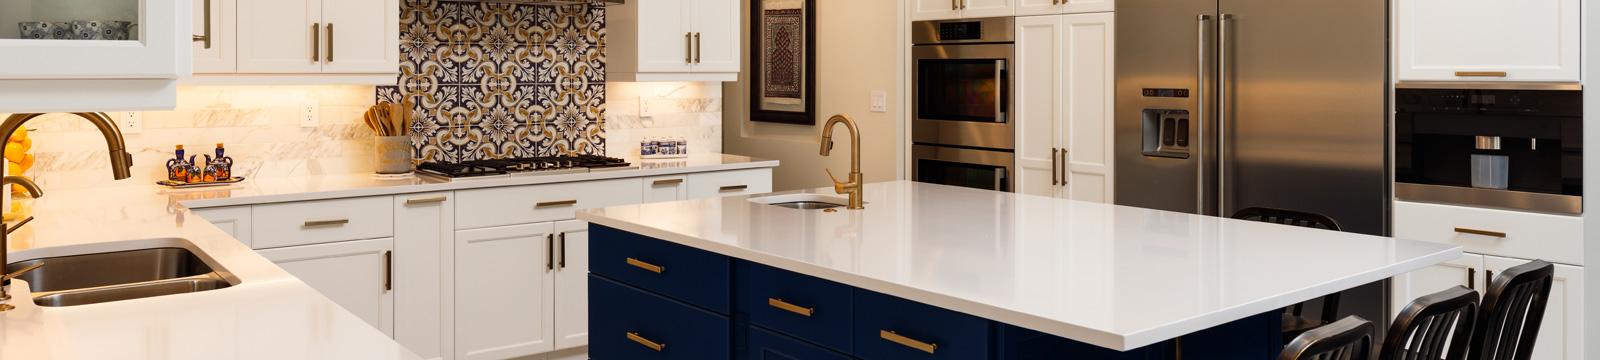 refaced modern kitchen